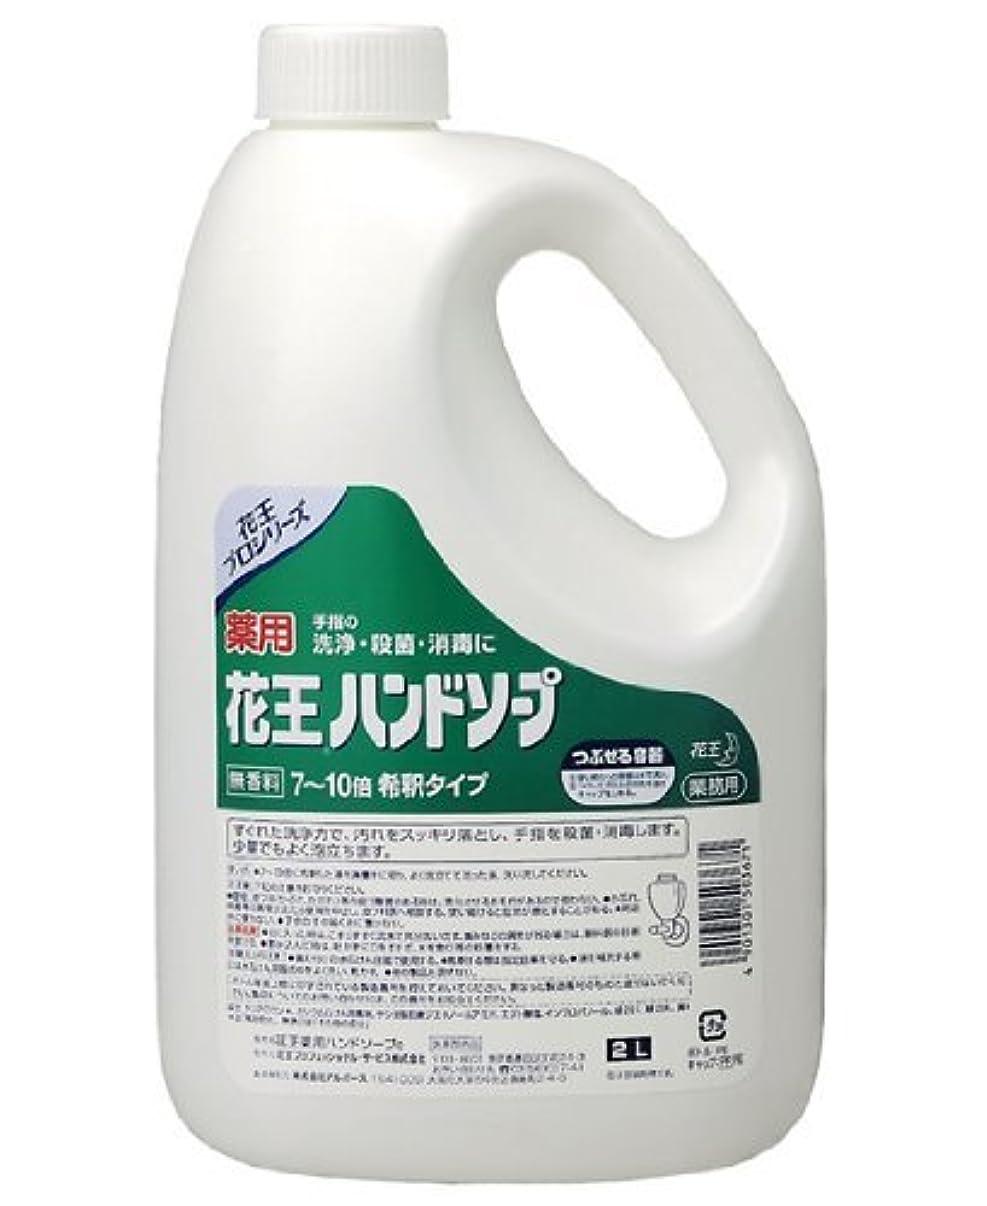 昇進休戦爬虫類薬用 花王ハンドソープ 2L×(3セット)